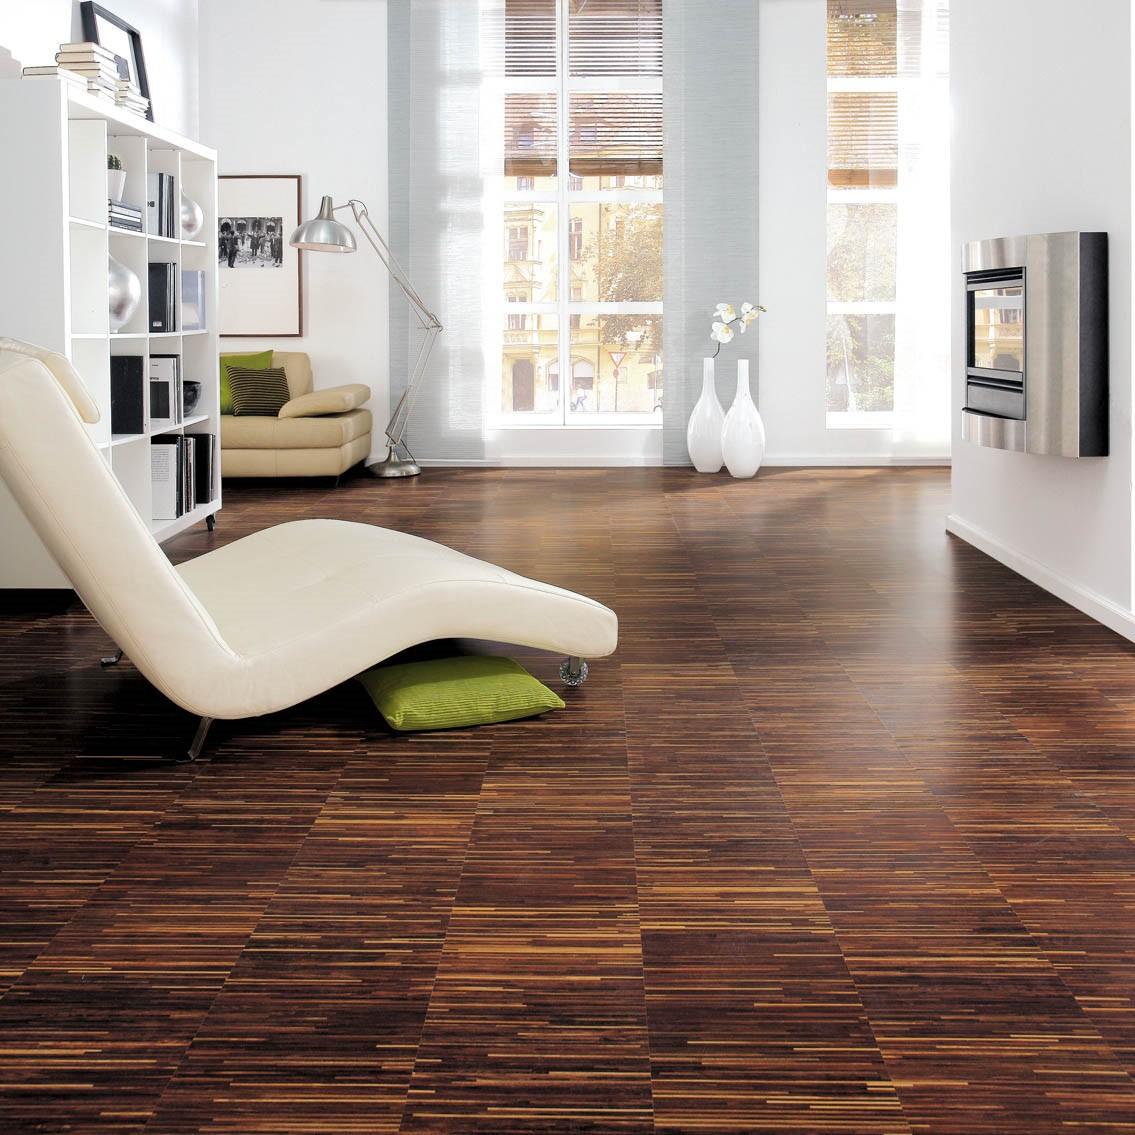 HARO Kork Arteo Stripes Permadur | Corkett | 2. Wahl | 12 m²